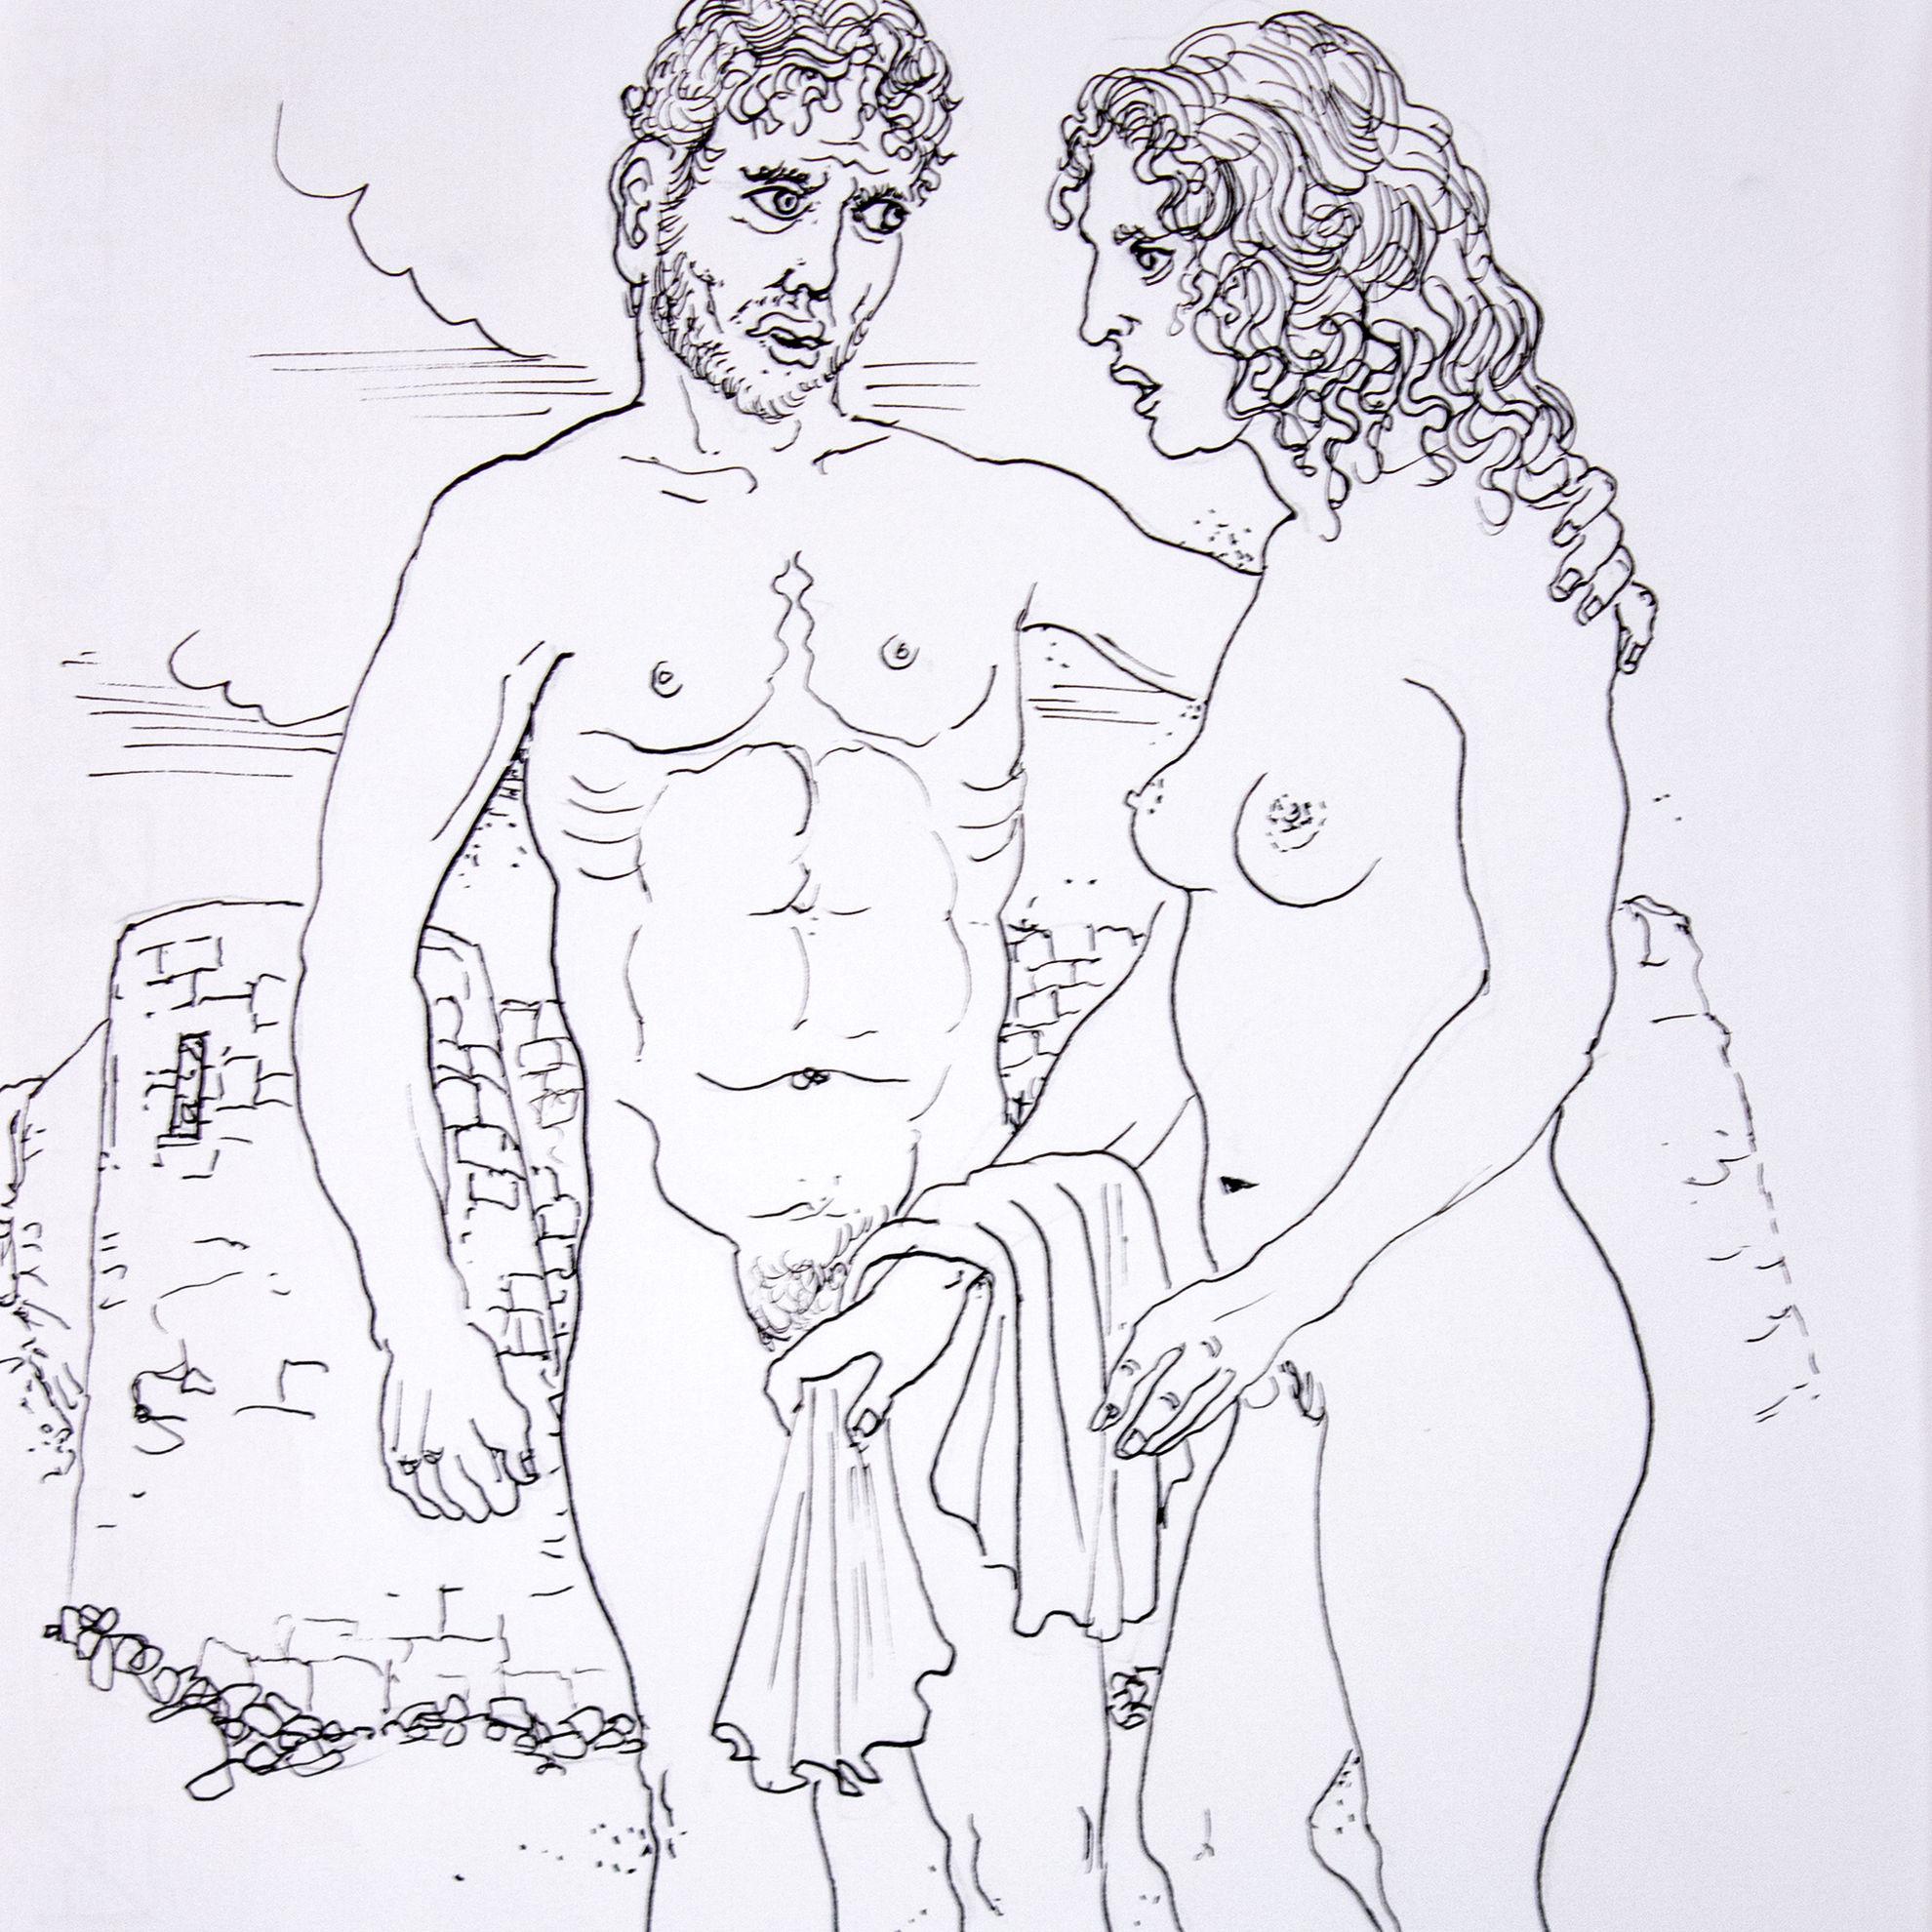 Immagine di Ettore e Andromaca